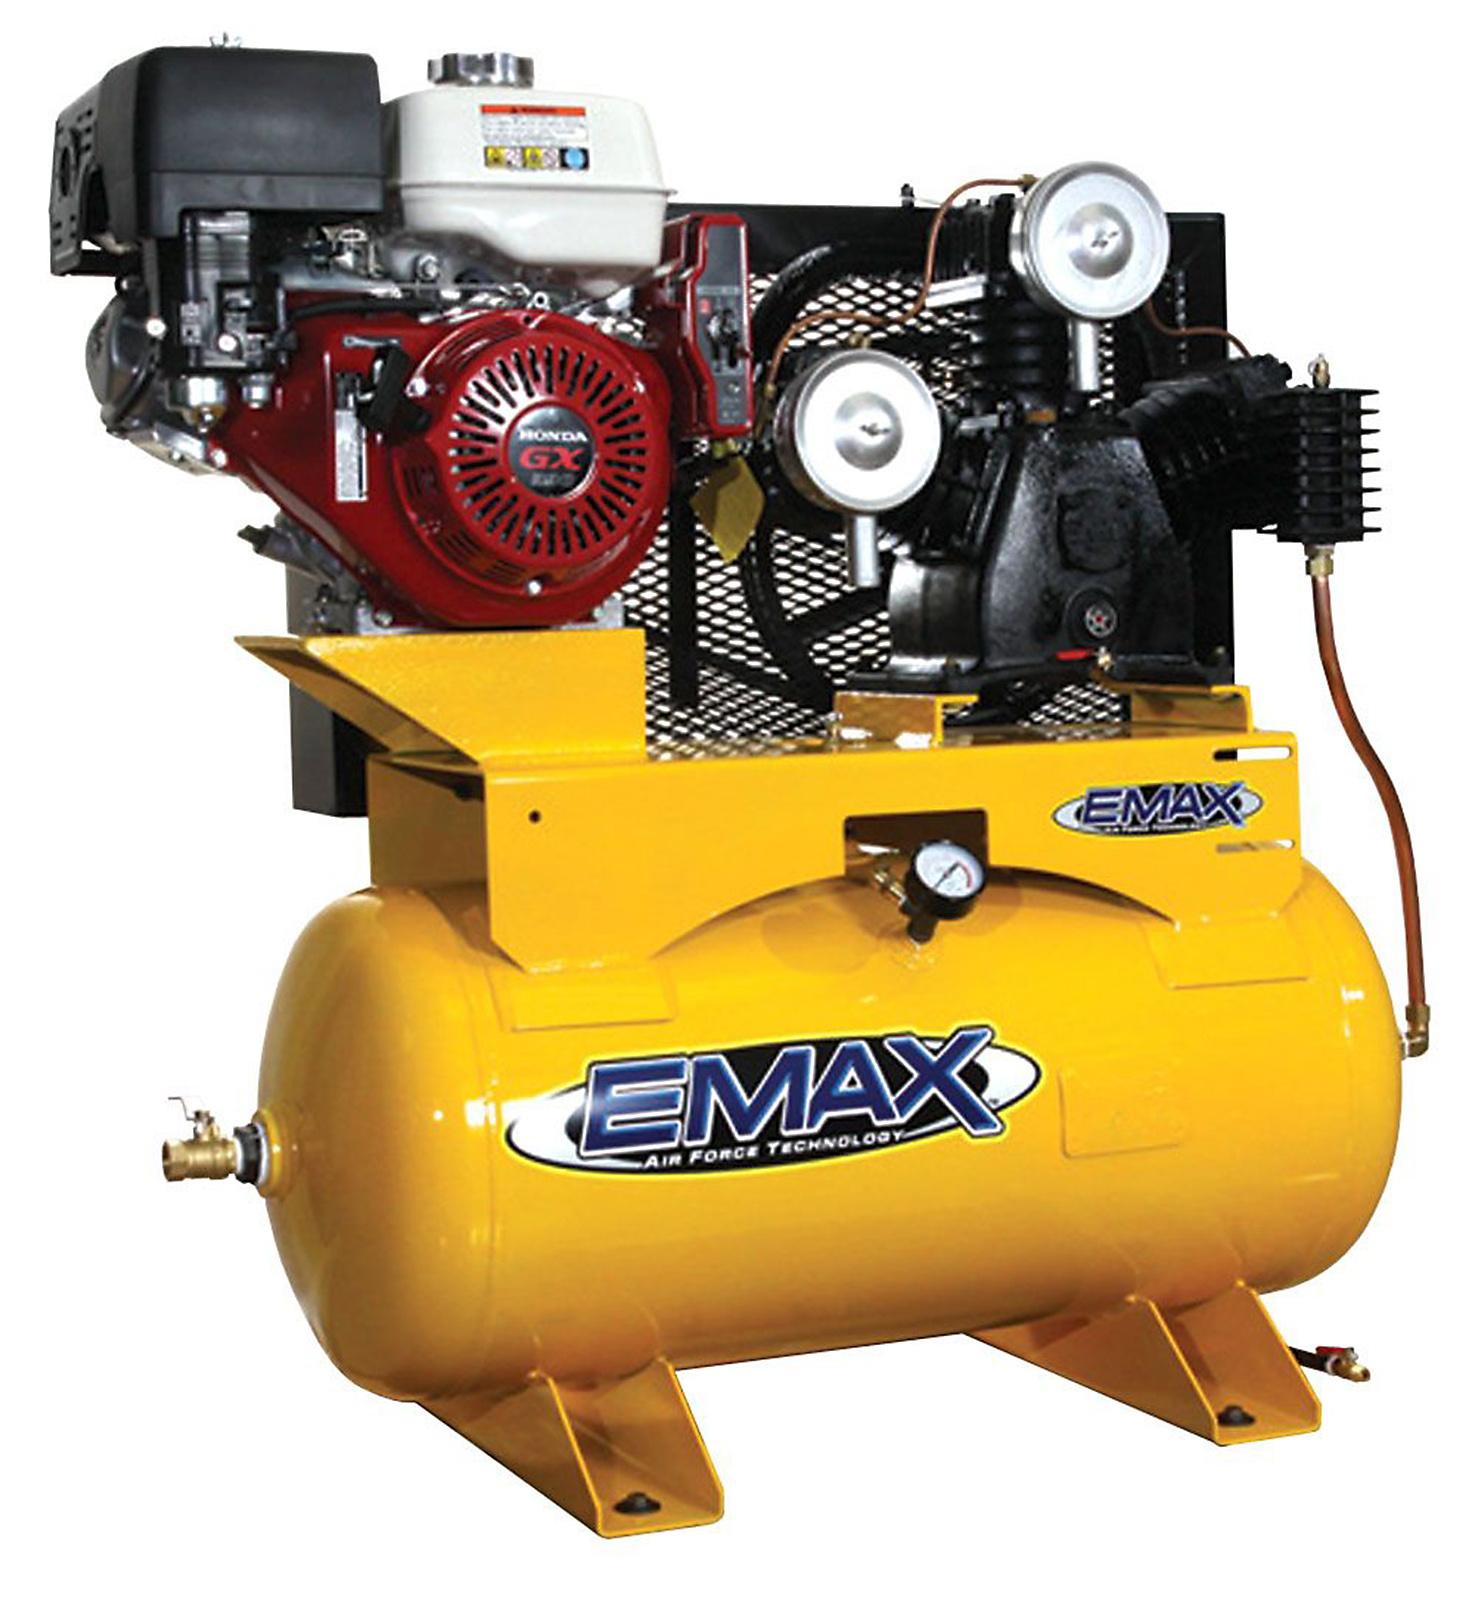 EMAX 13 HP 30 Gallon Two Stage HONDA Elec Start Compressor - EGES1330ST PartNumber: 00928059000P KsnValue: 2975928 MfgPartNumber: EGES1330ST